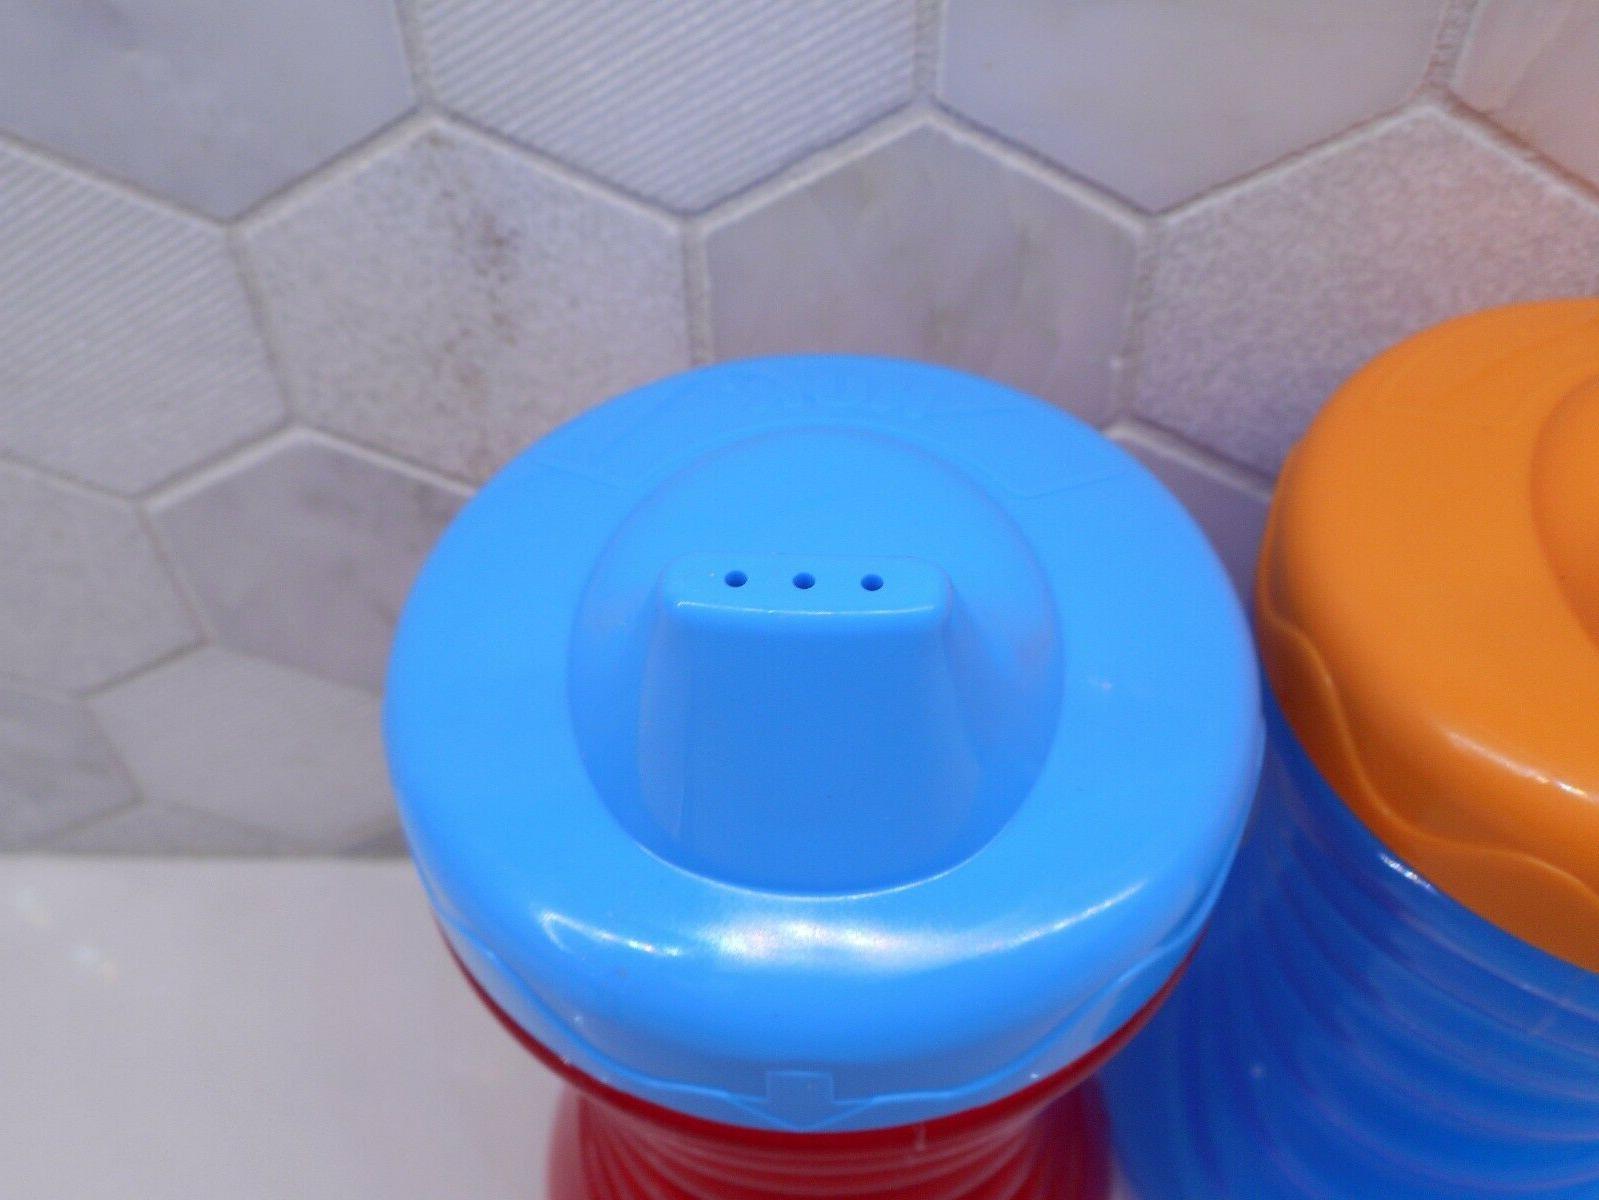 Gerber Grips Sippy Cup, 10oz